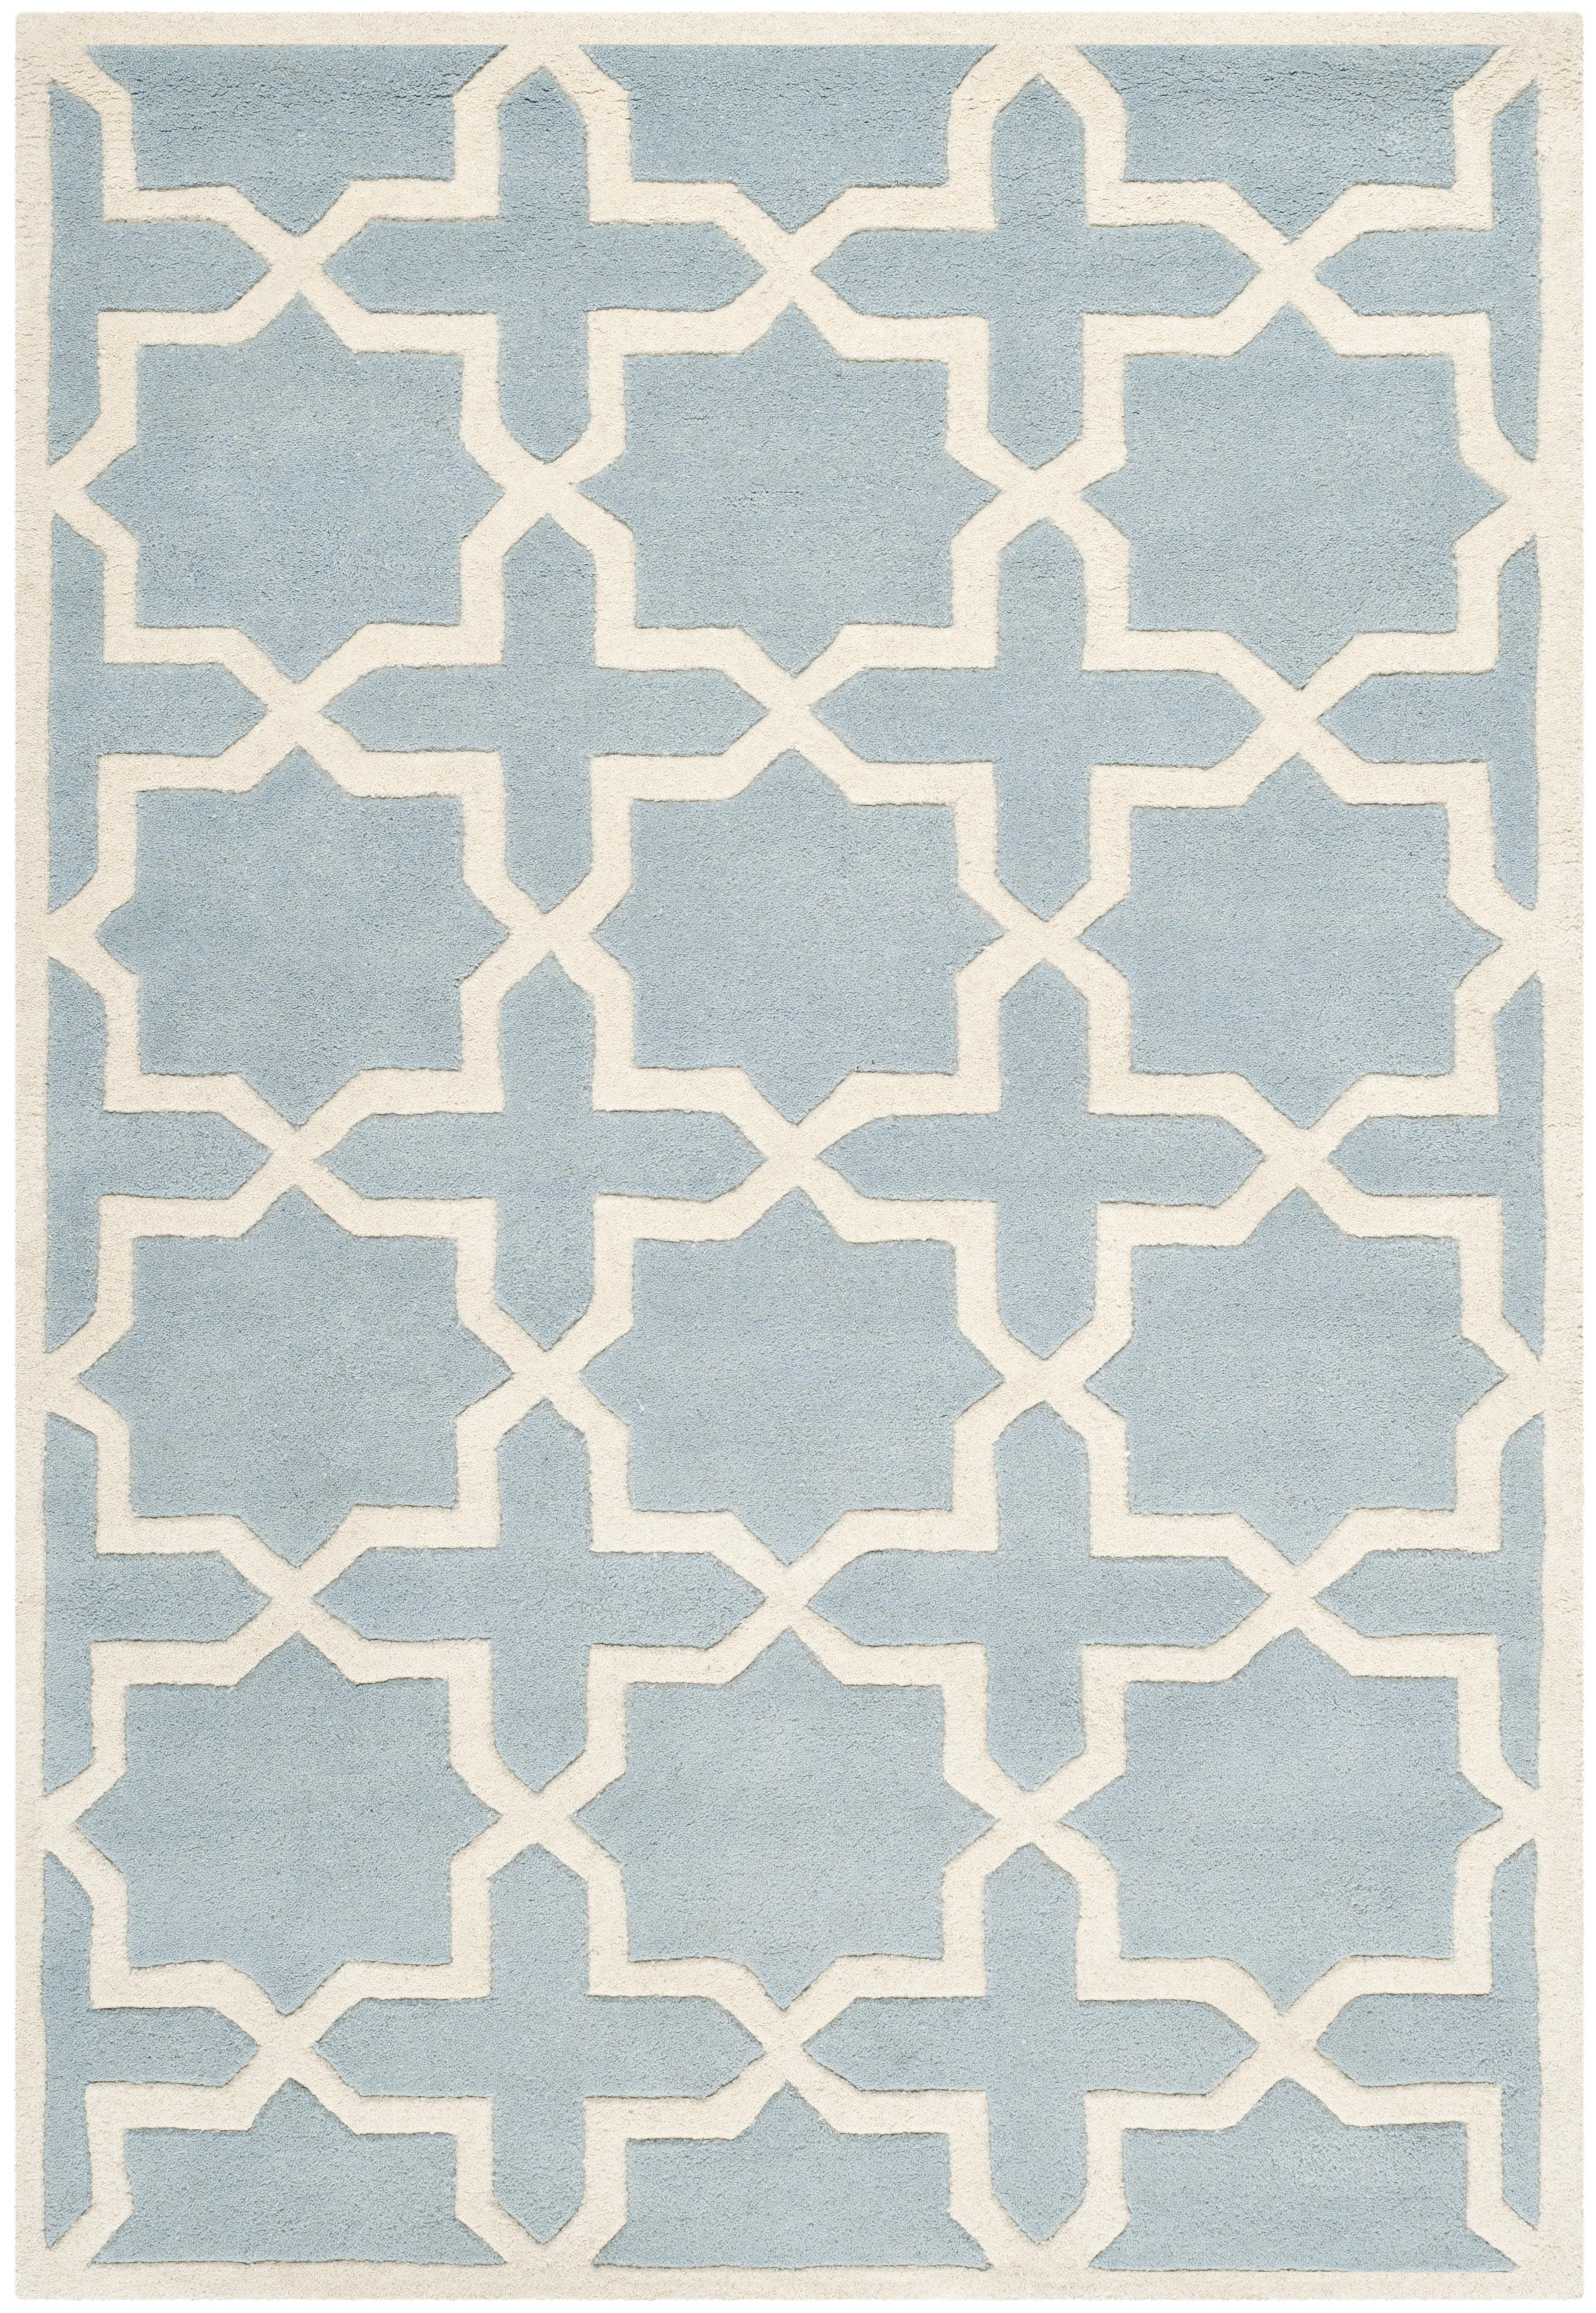 Tapis de salon moderne bleu et ivoire 121x182